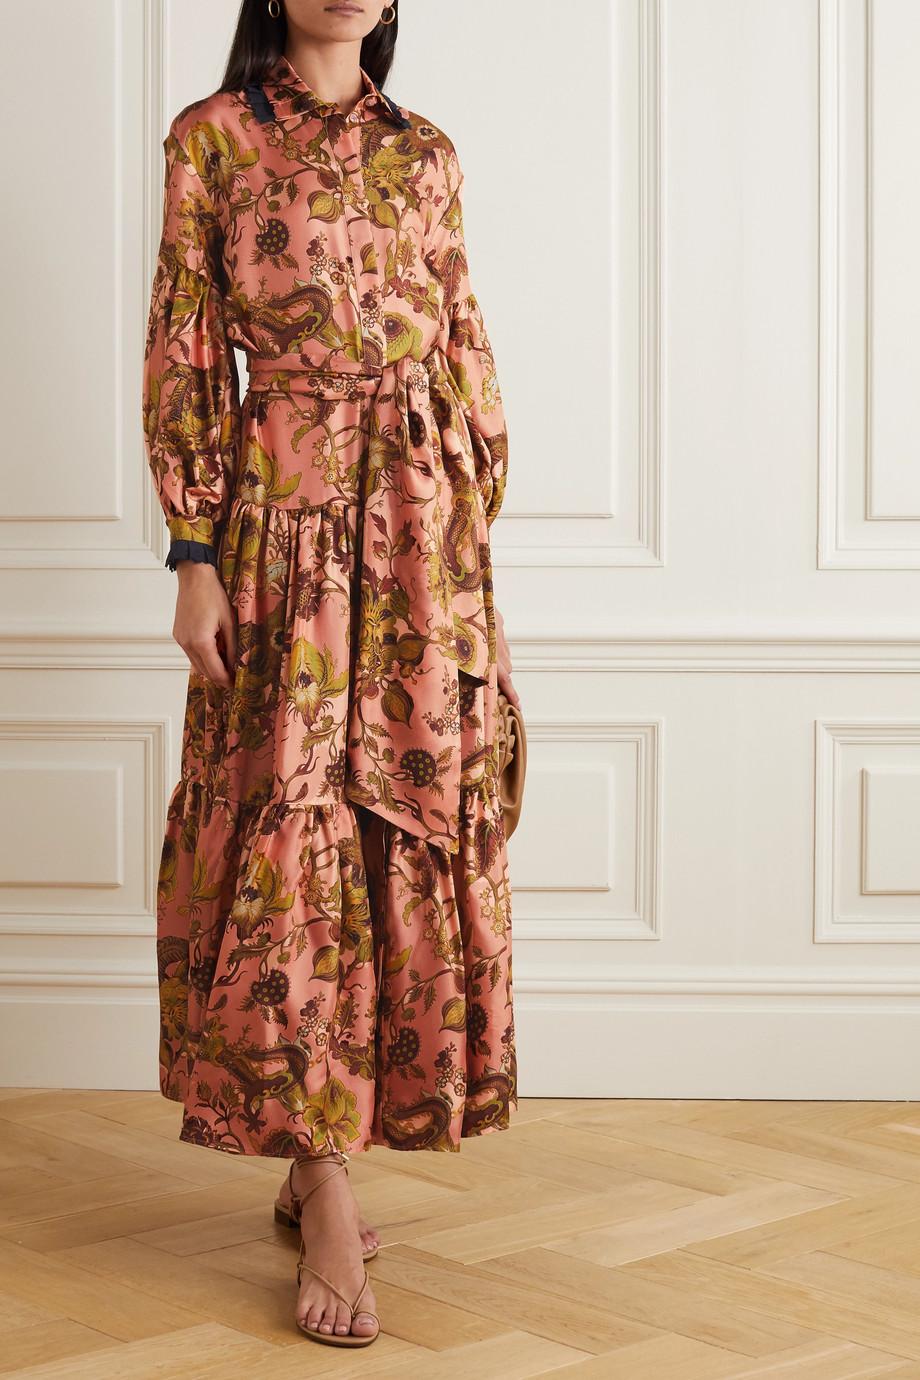 Evi Grintela Greatness gestuftes Maxi-Hemdblusenkleid aus Seiden-Twill mit Spitzenbesatz und Bindegürtel